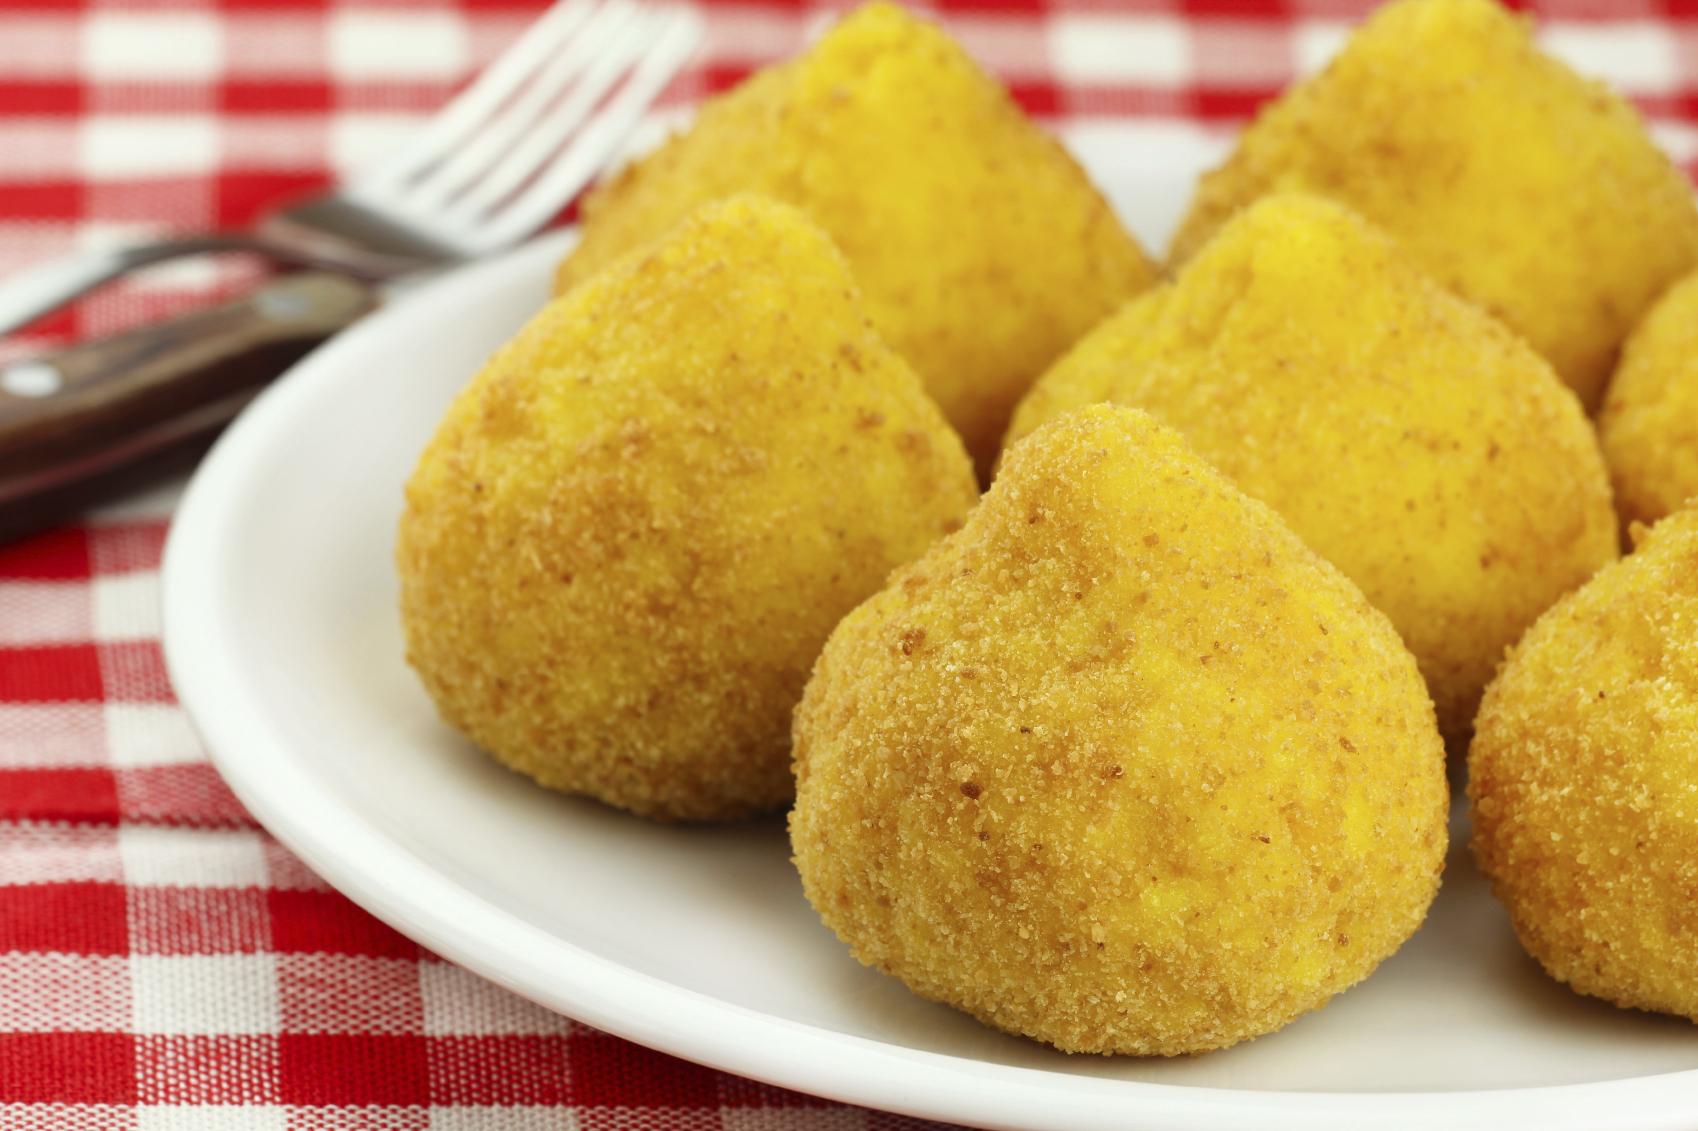 Riċetta Aranċini żgħar bit-tonn u l-mozzarella